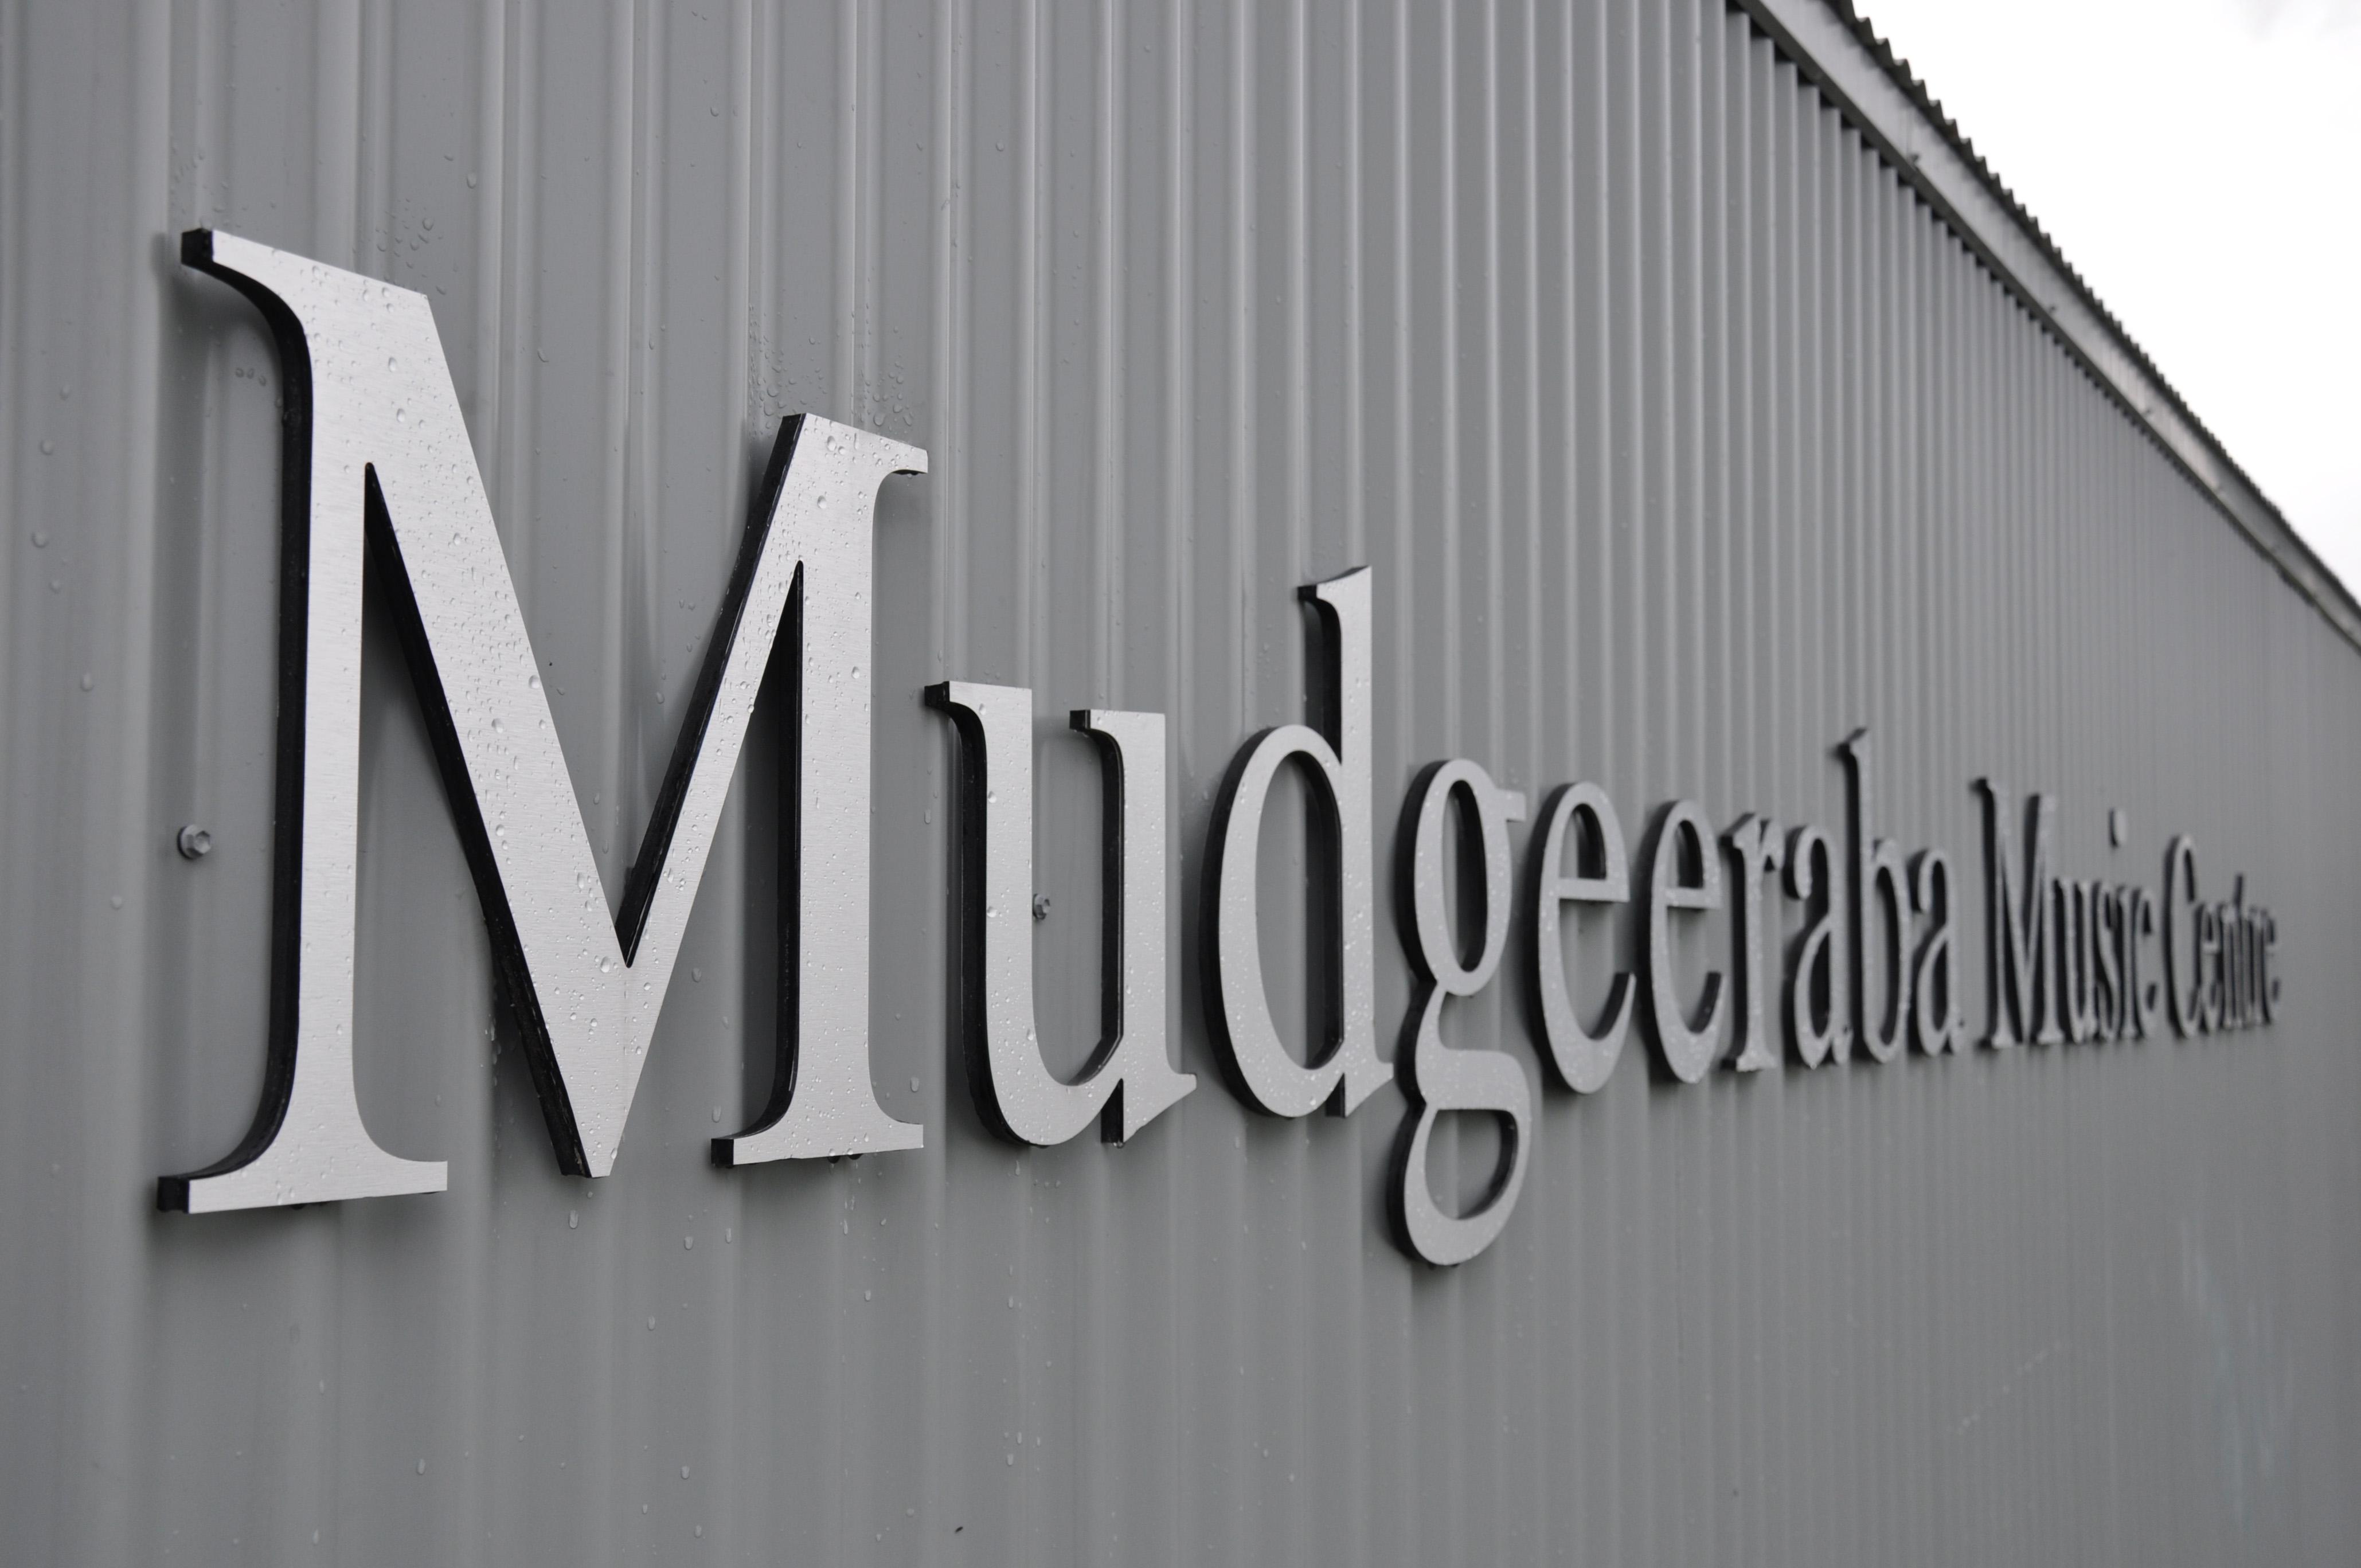 Mudgeeraba Music Centre